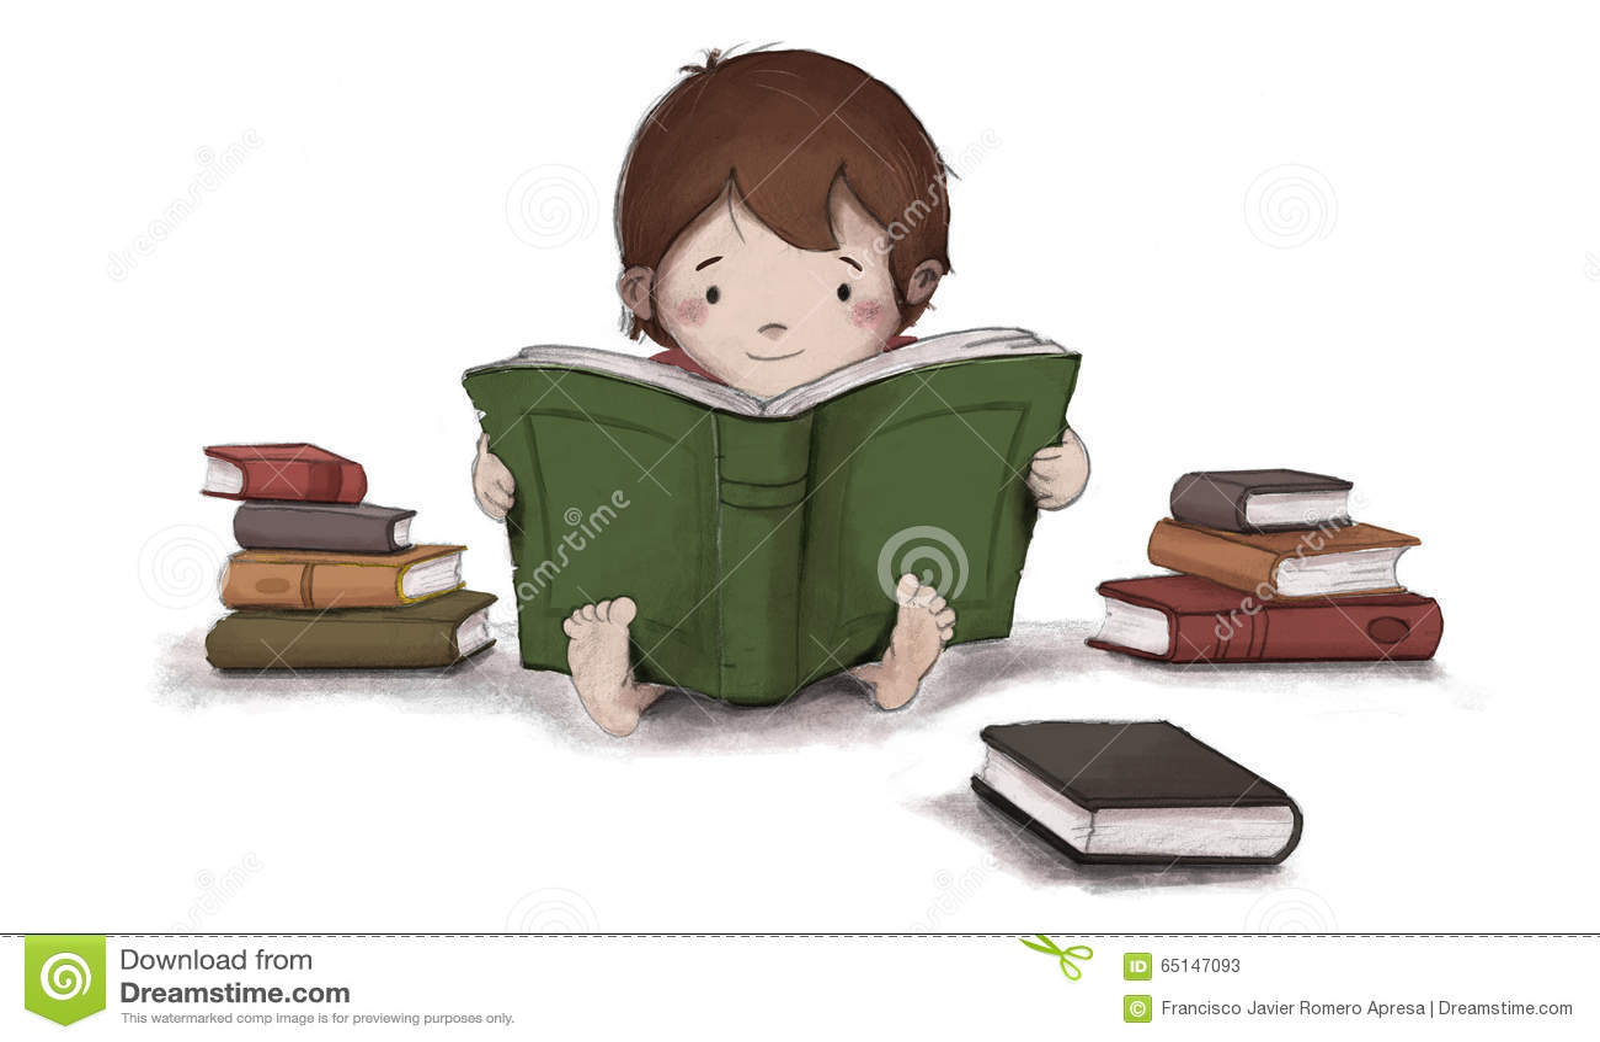 Disegno Di Un Bambino : Disegno del bambino che legge un libro che si siede sul pavimento